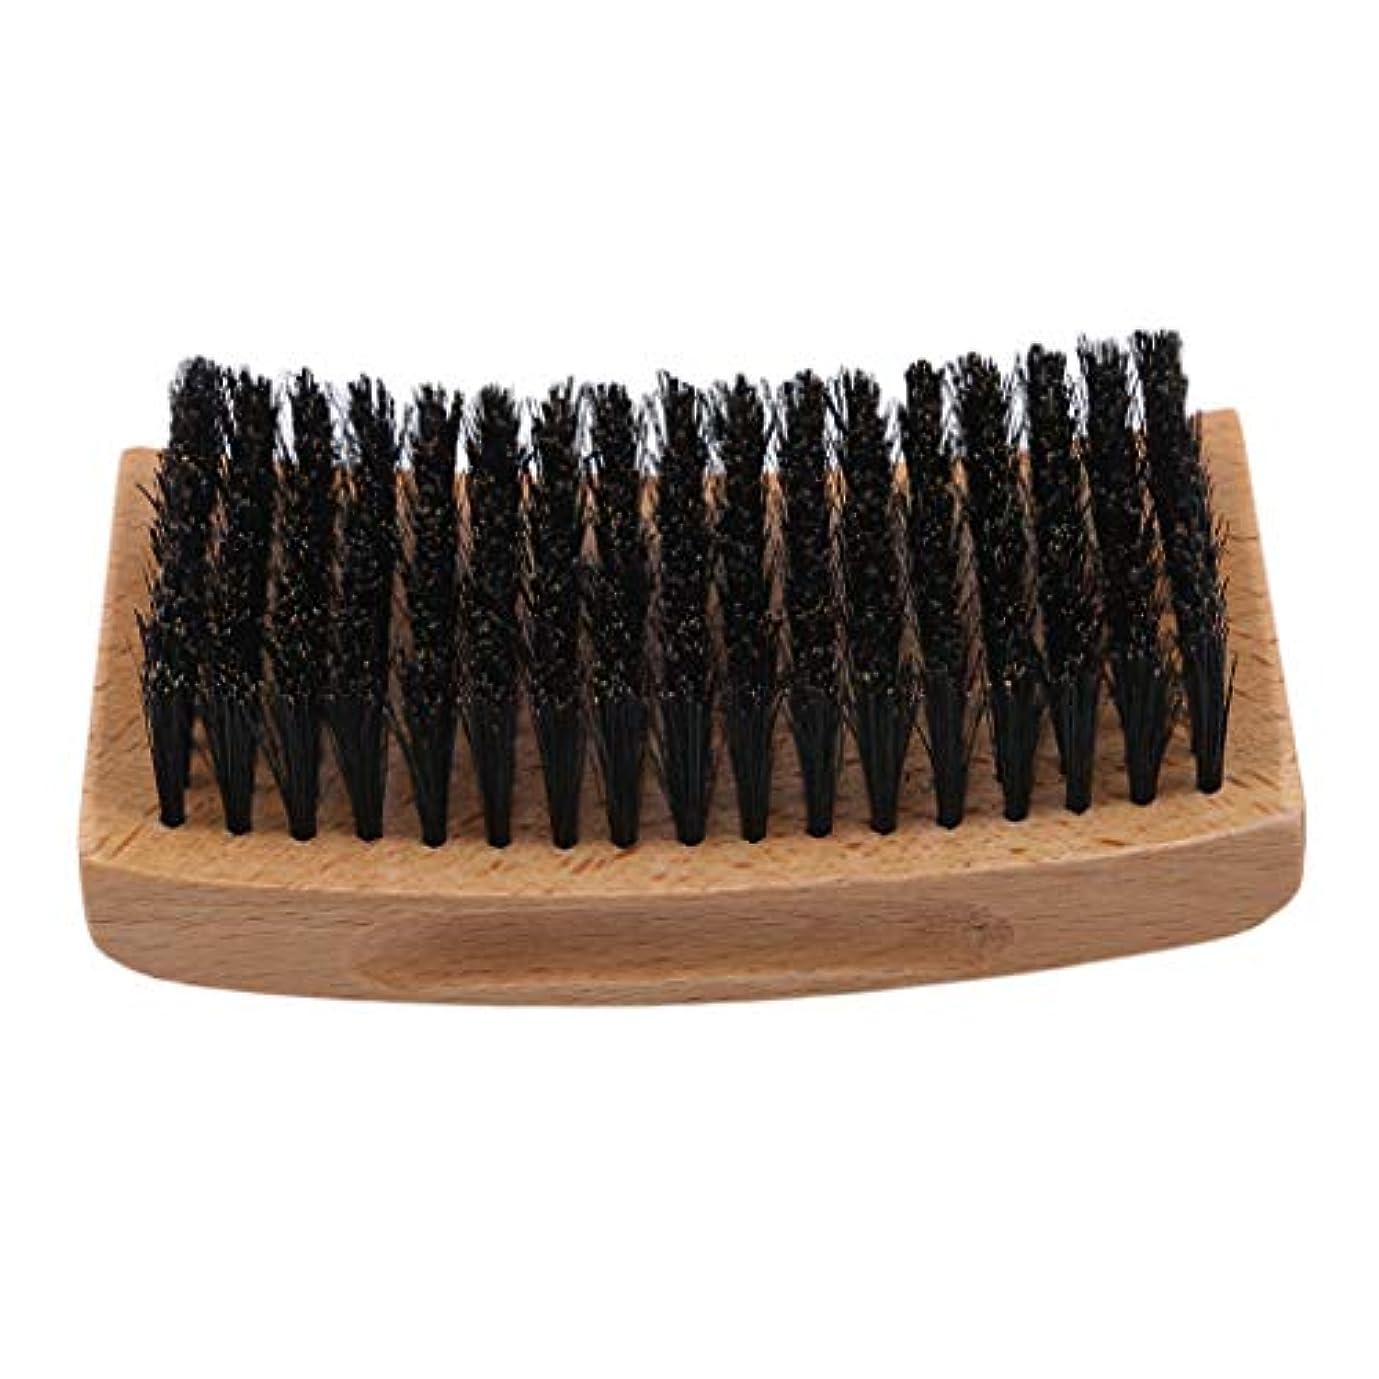 同意する有効なくつろぎGOMYIE あなたの顔の毛をなだめ、柔らかくすることができる堅いたてがみの男性のピグテールの毛深いひげのブラシ(スタイル4)